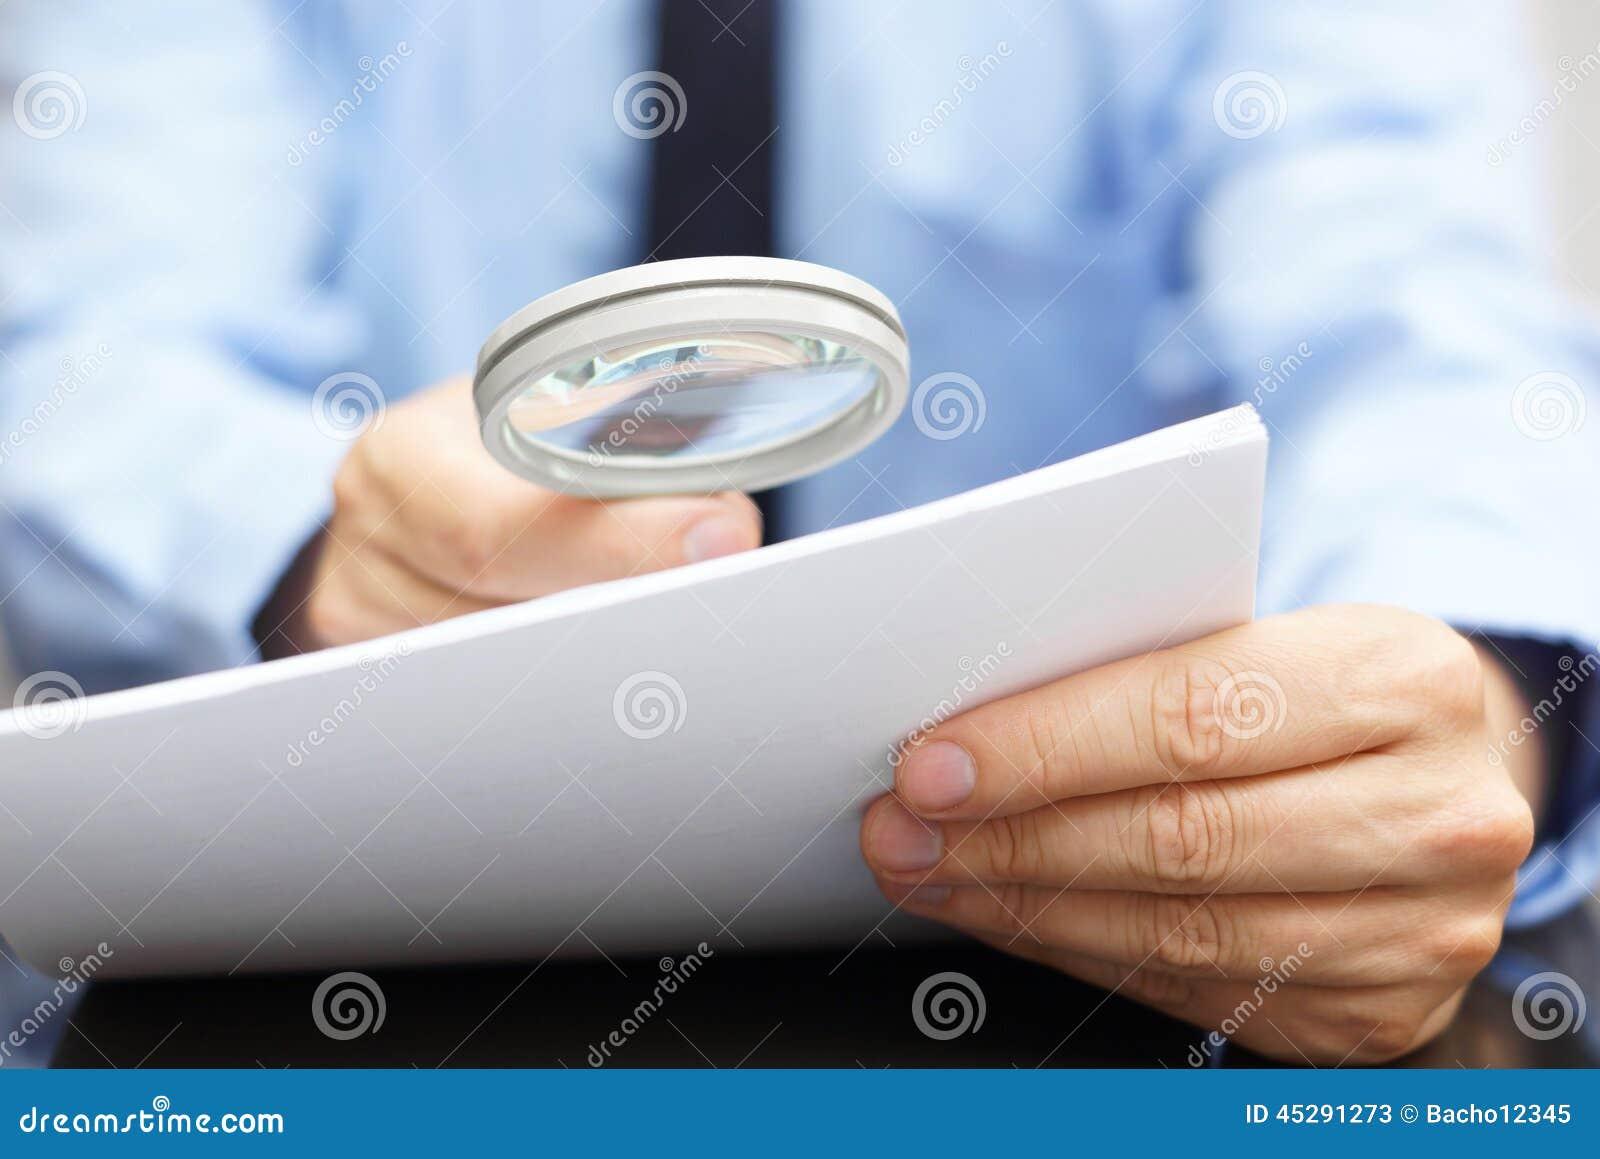 Biznesmen patrzeje przez powiększać - szkło skracać